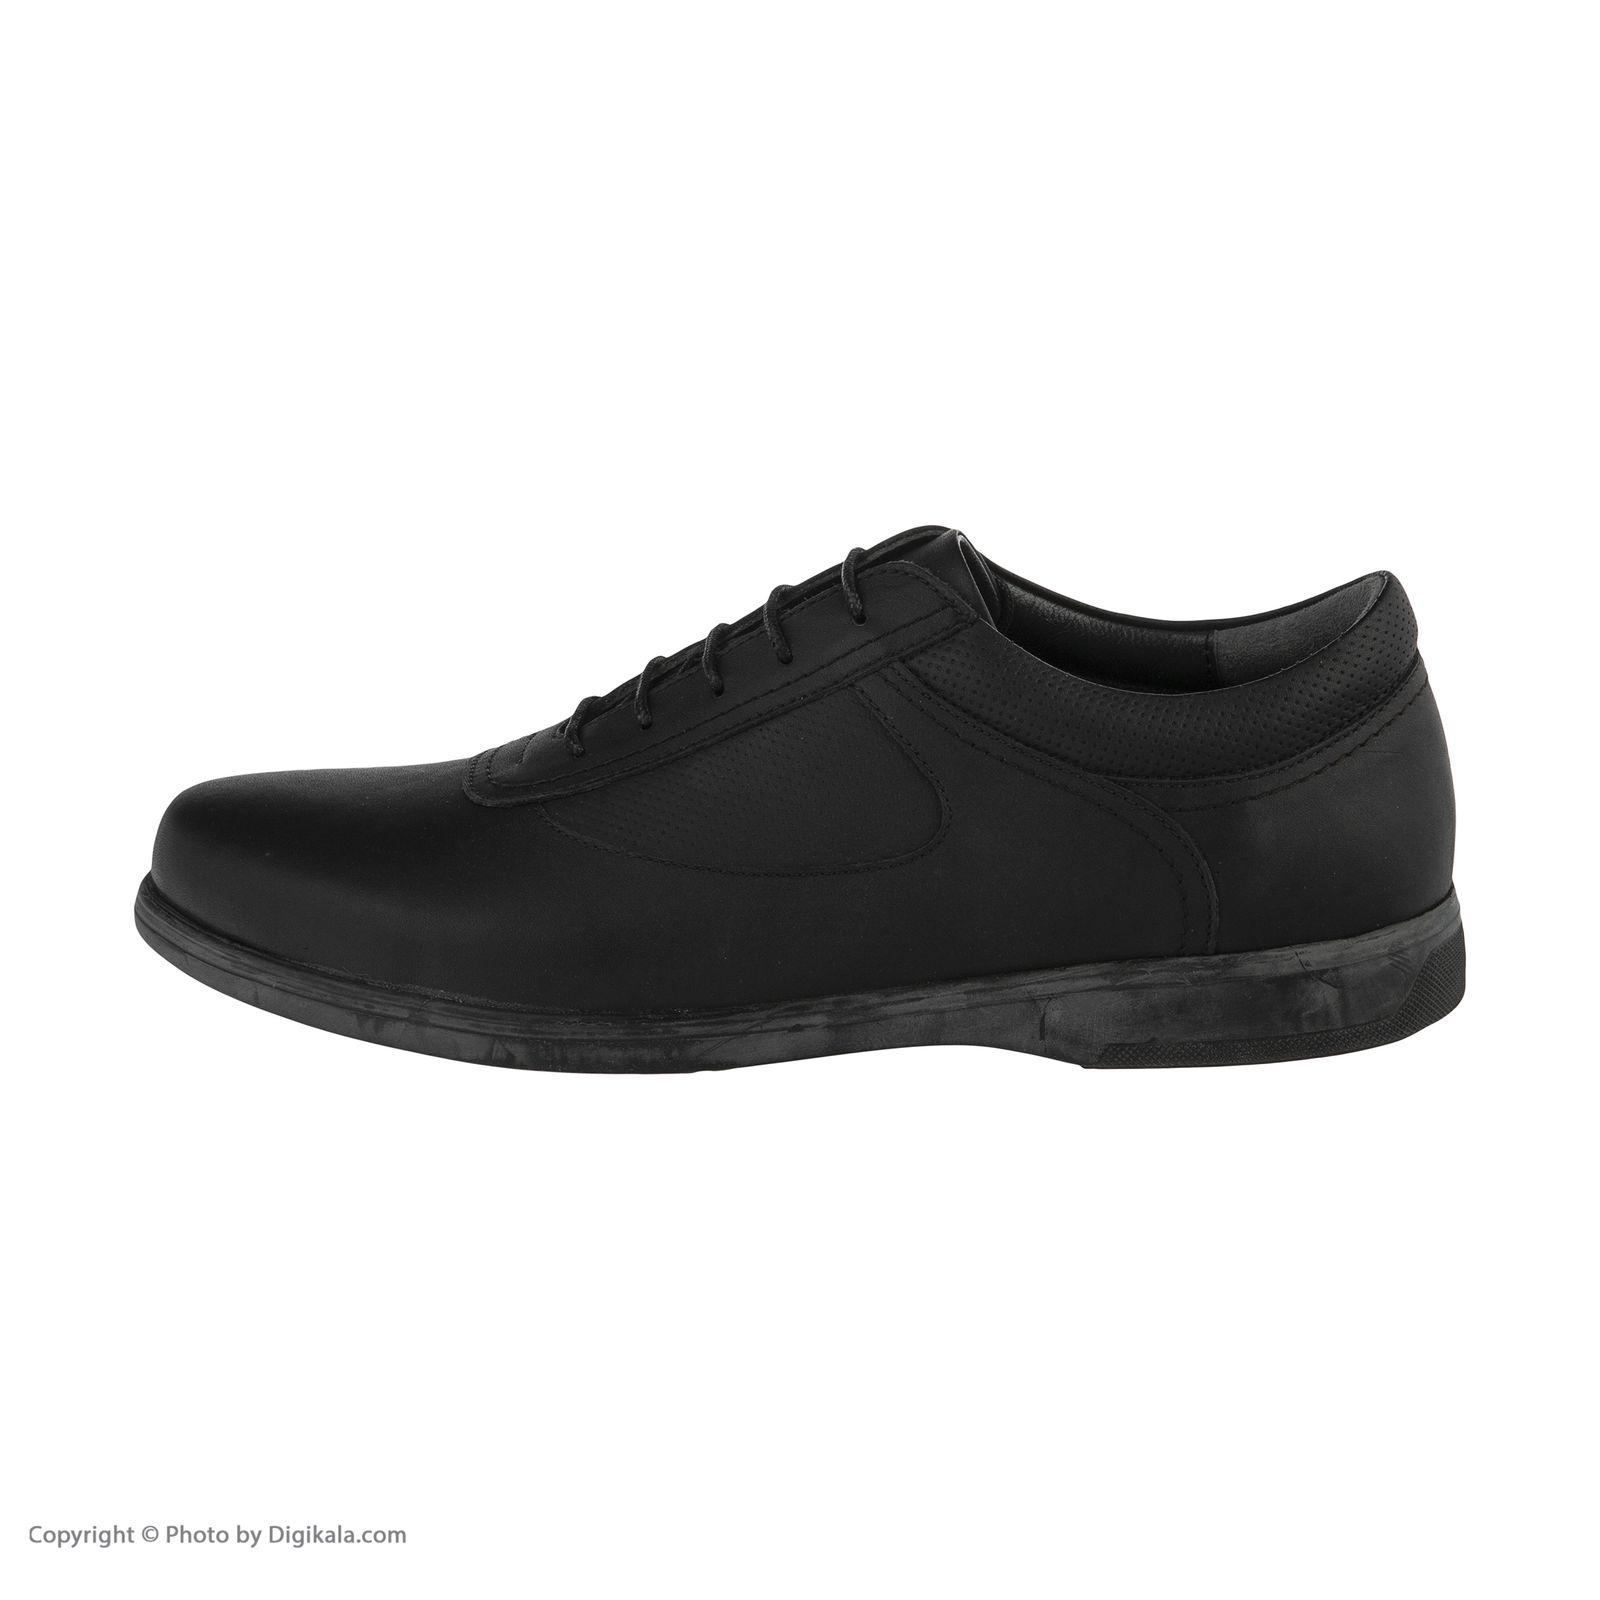 کفش روزمره مردانه سوته مدل 5017A503101 -  - 3